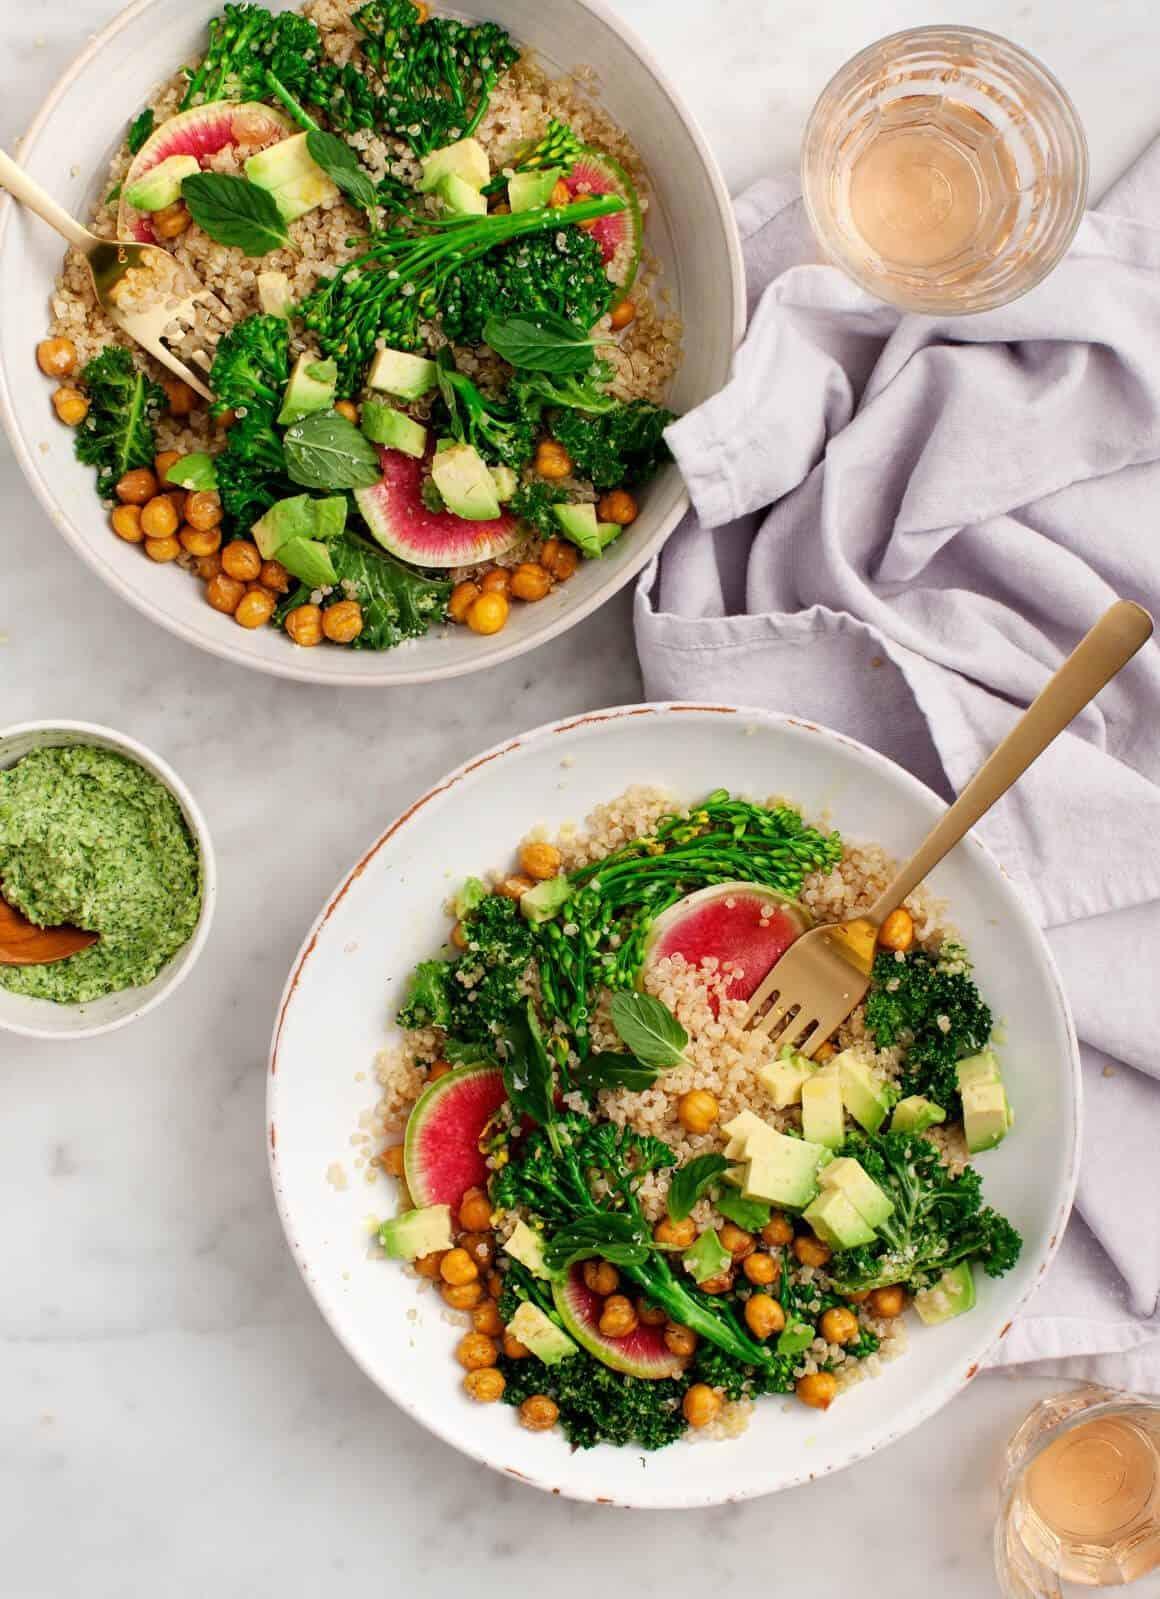 Healthy Lunch Ideas - Broccoli Pesto Quinoa Salad